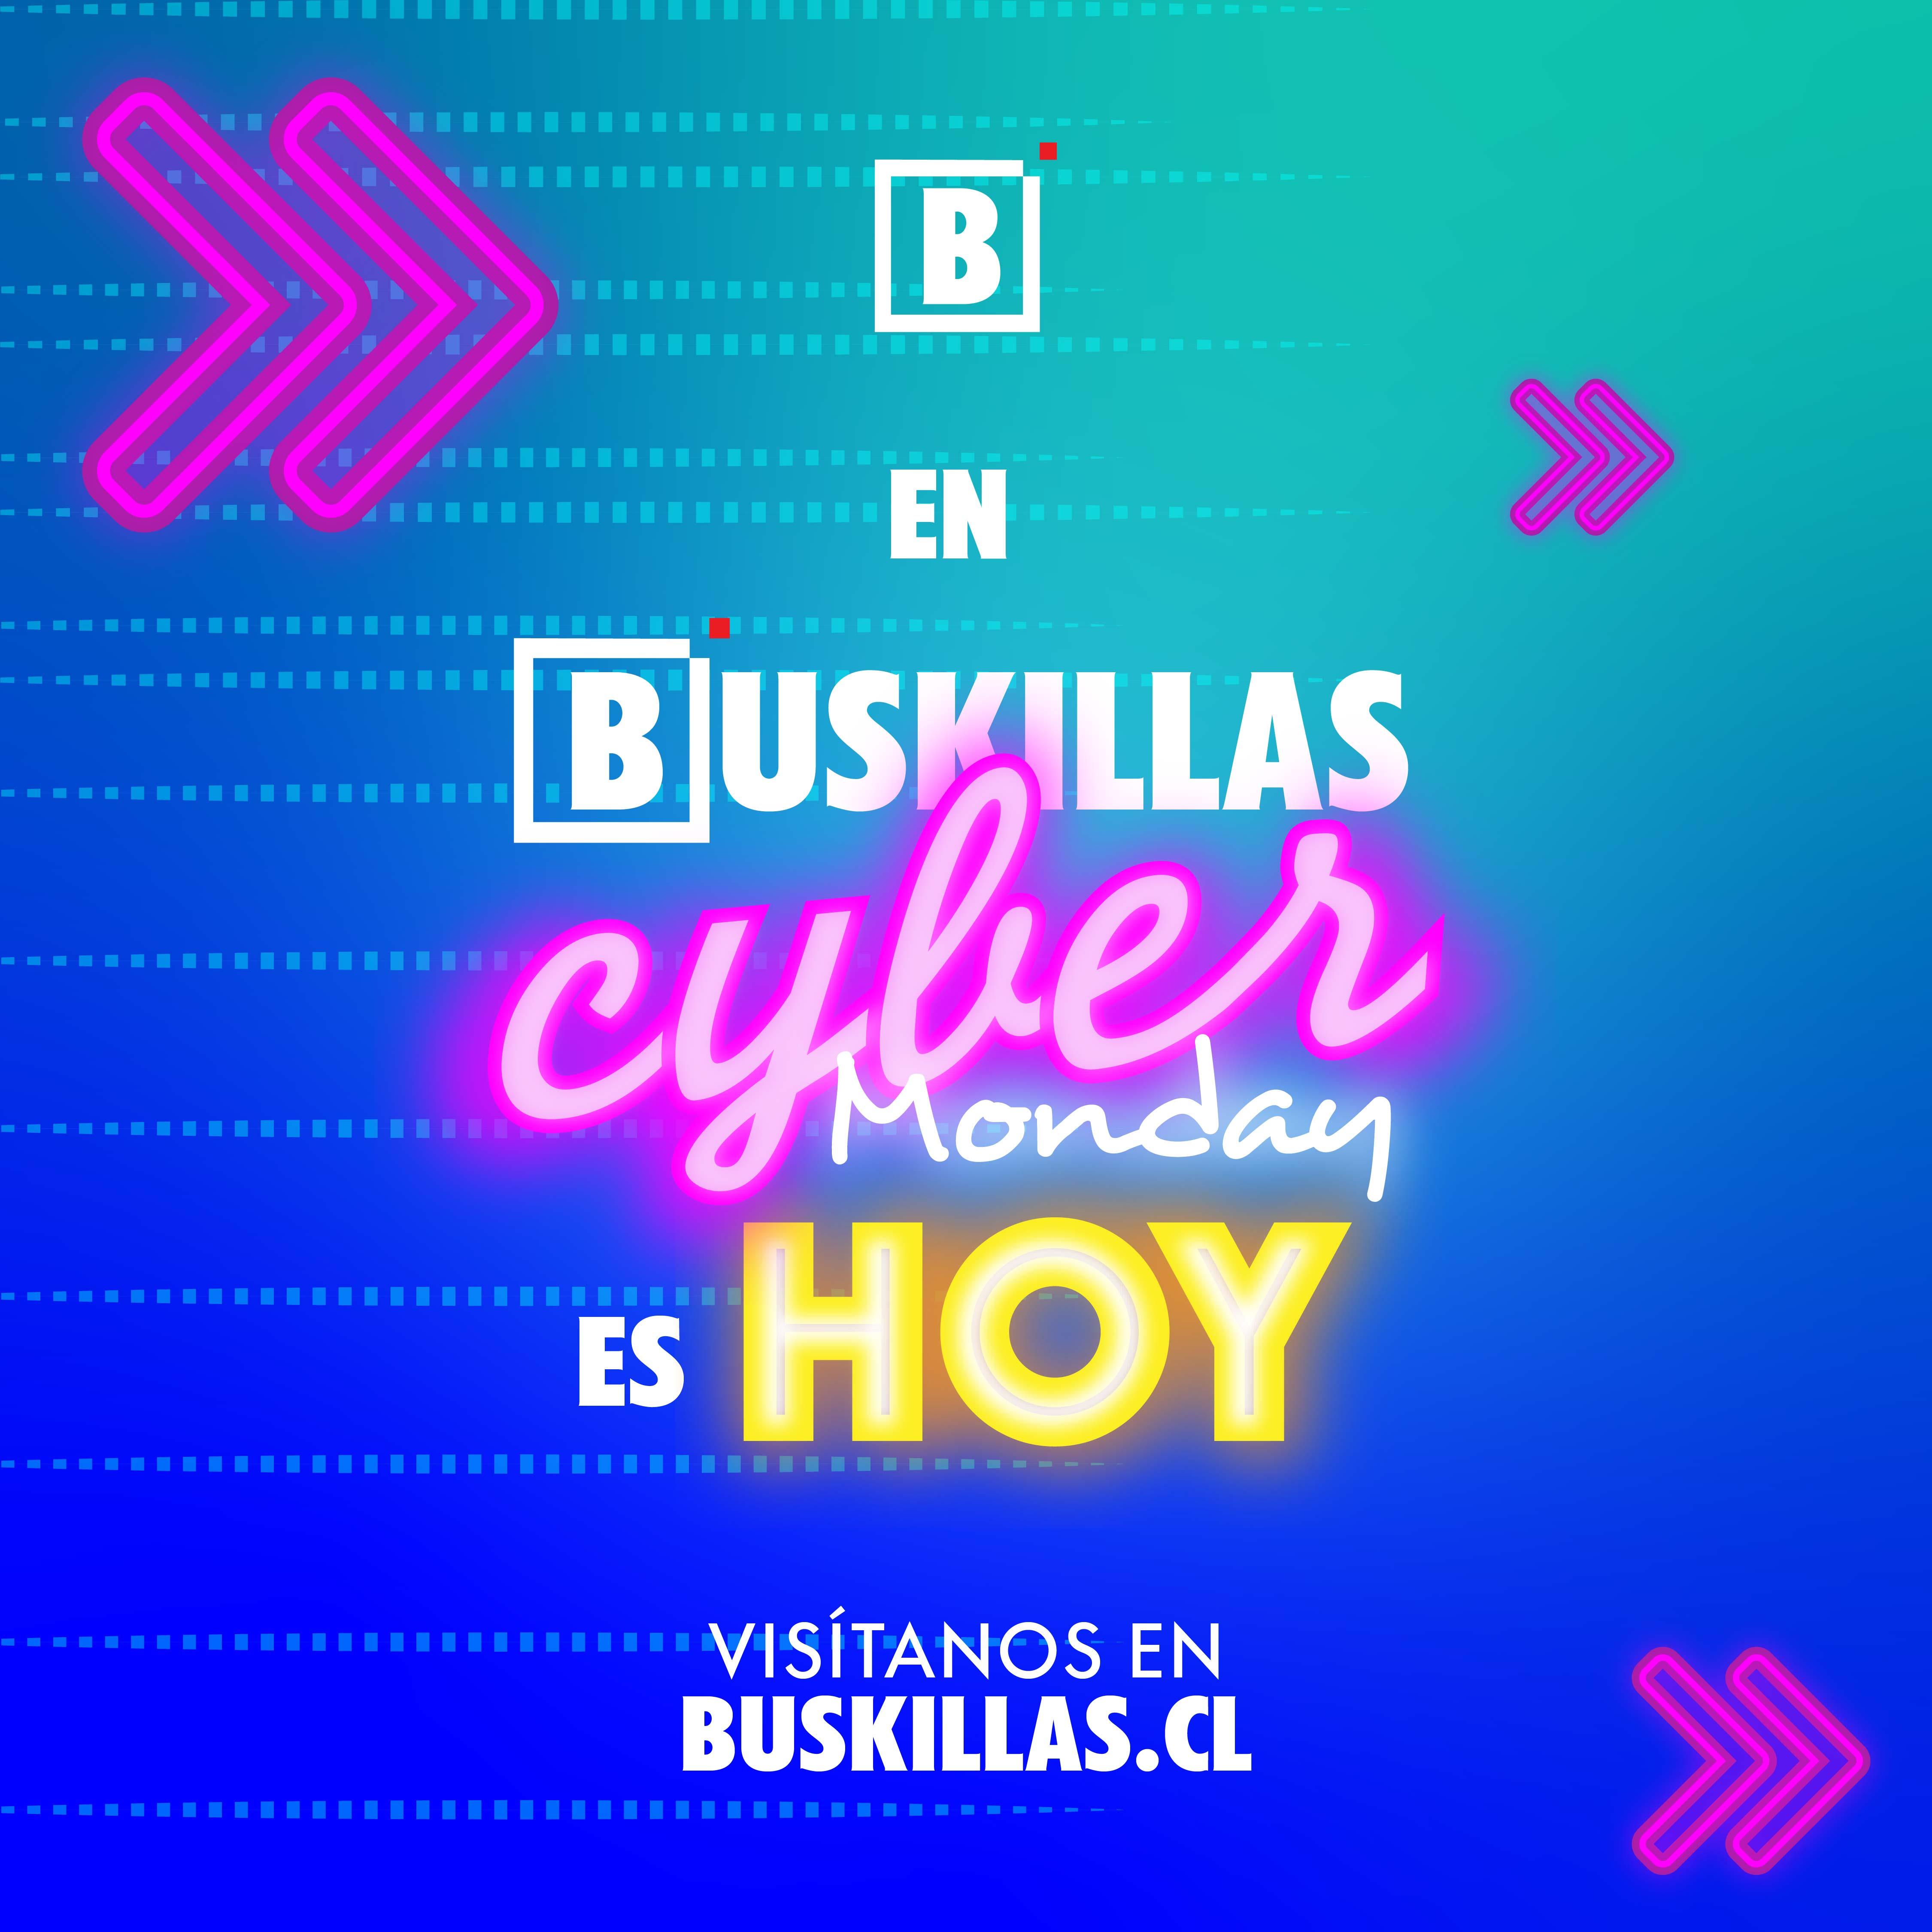 En Buskillas el Cyber Monday es Hoy.